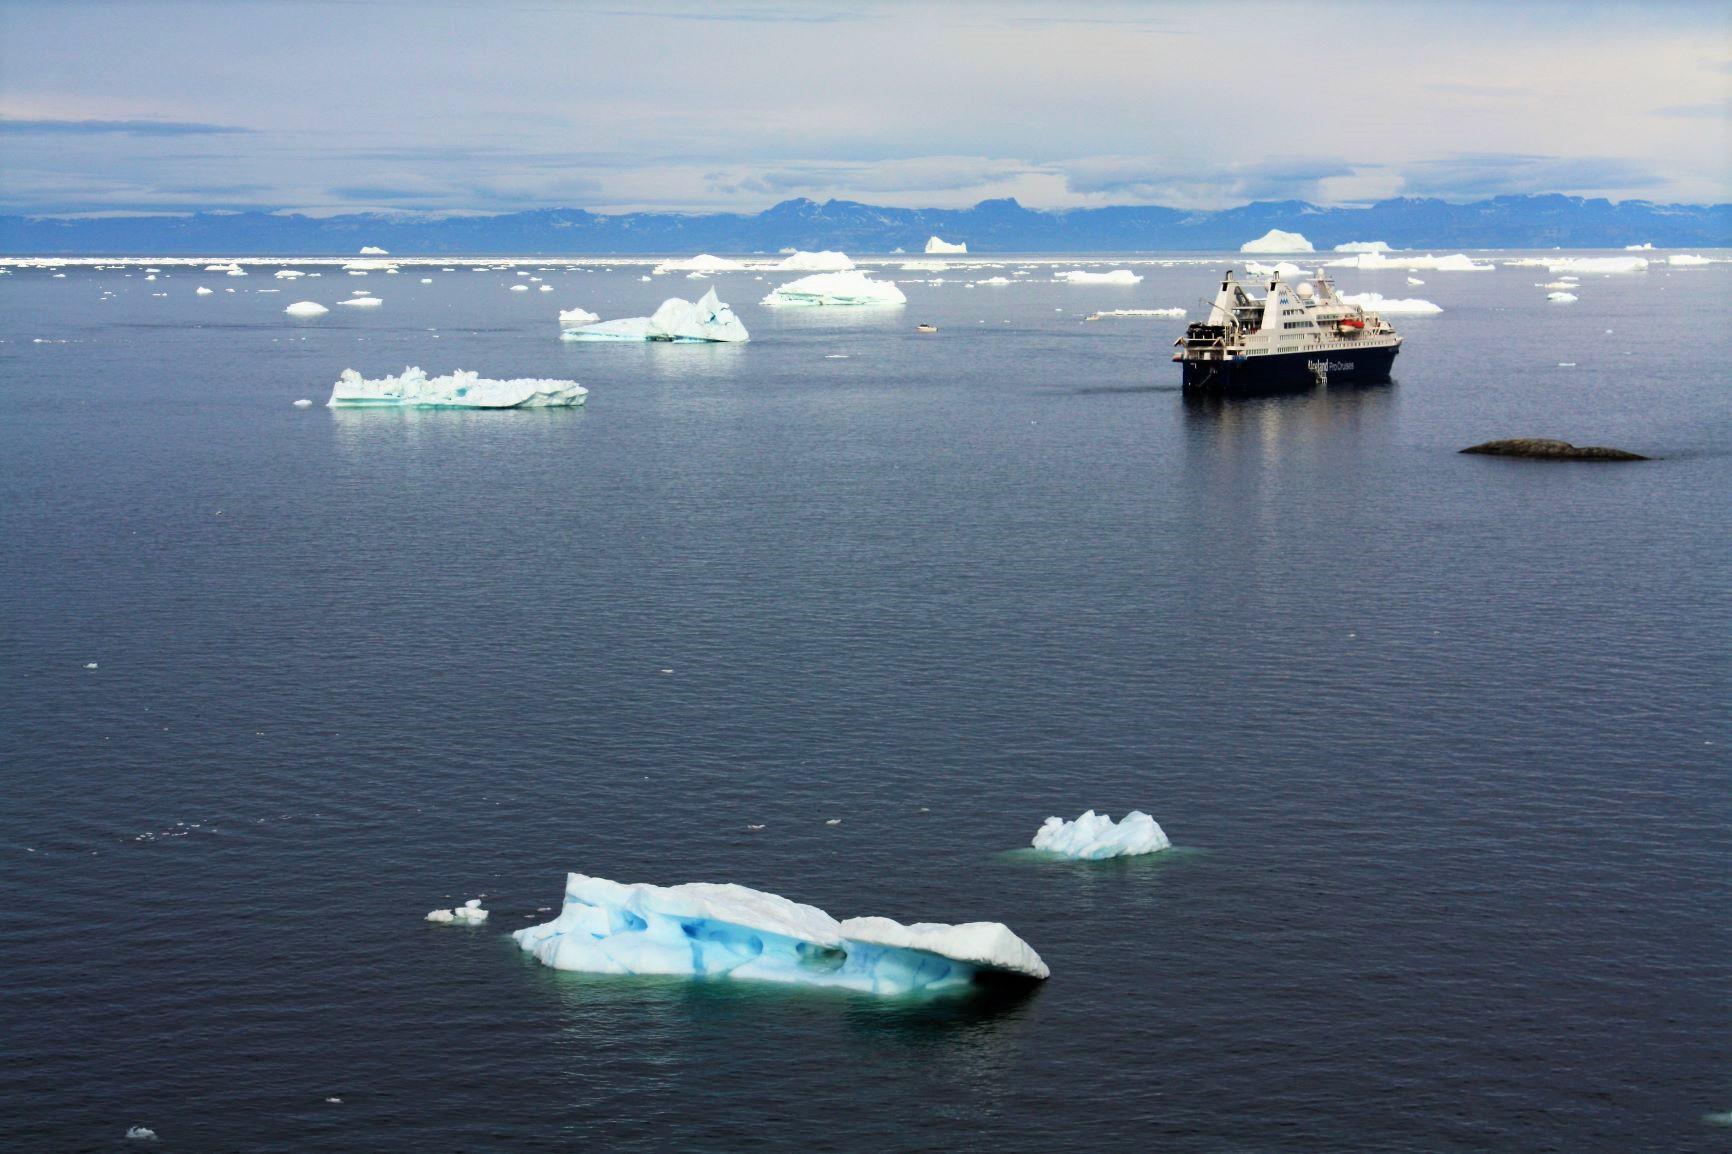 耐氷船をベースにグリーランド西部をめぐる